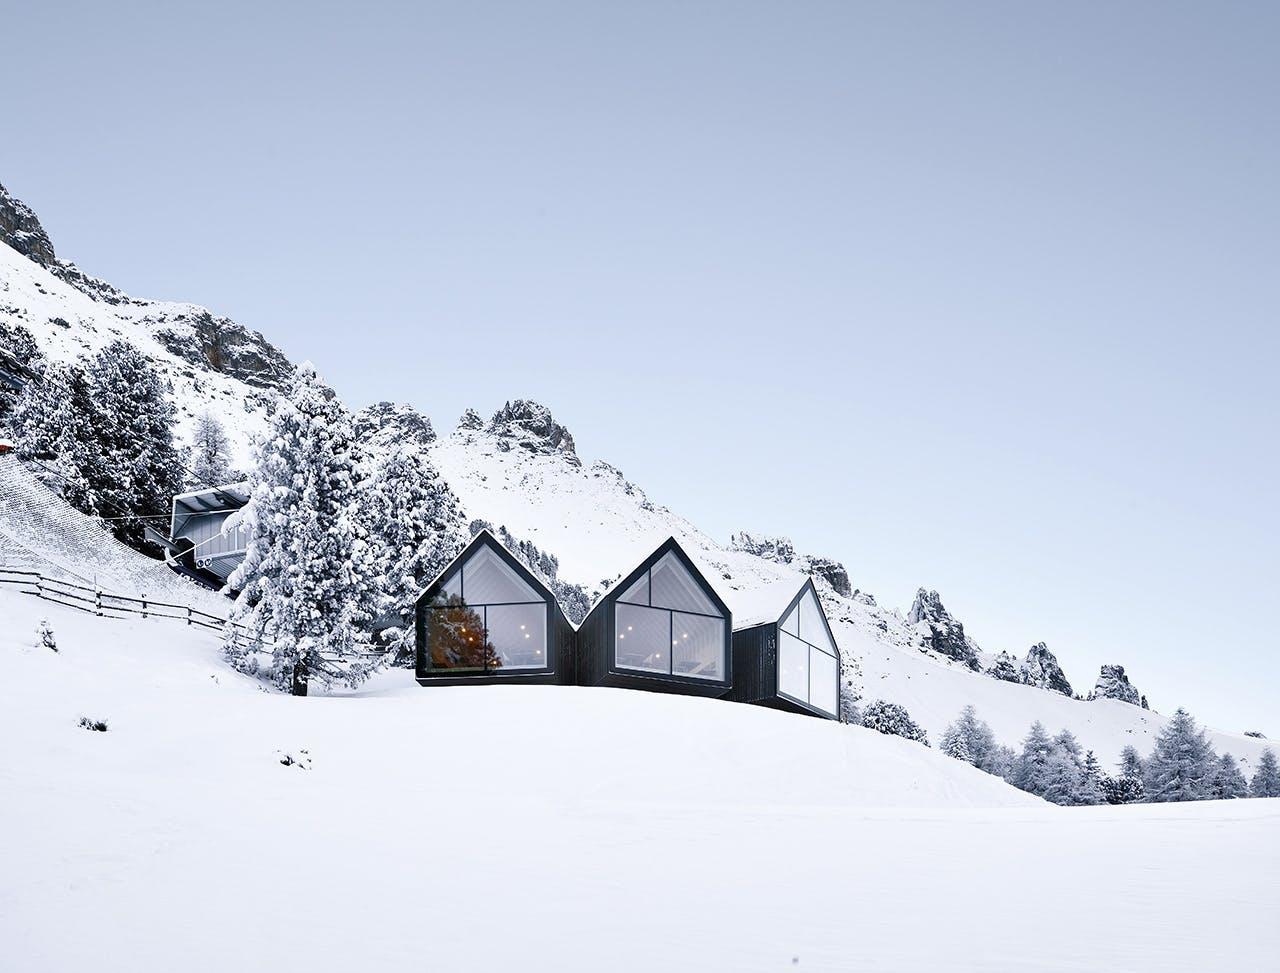 ski skiferie skirejse alperne alpin skiløb skihytte Italien sne